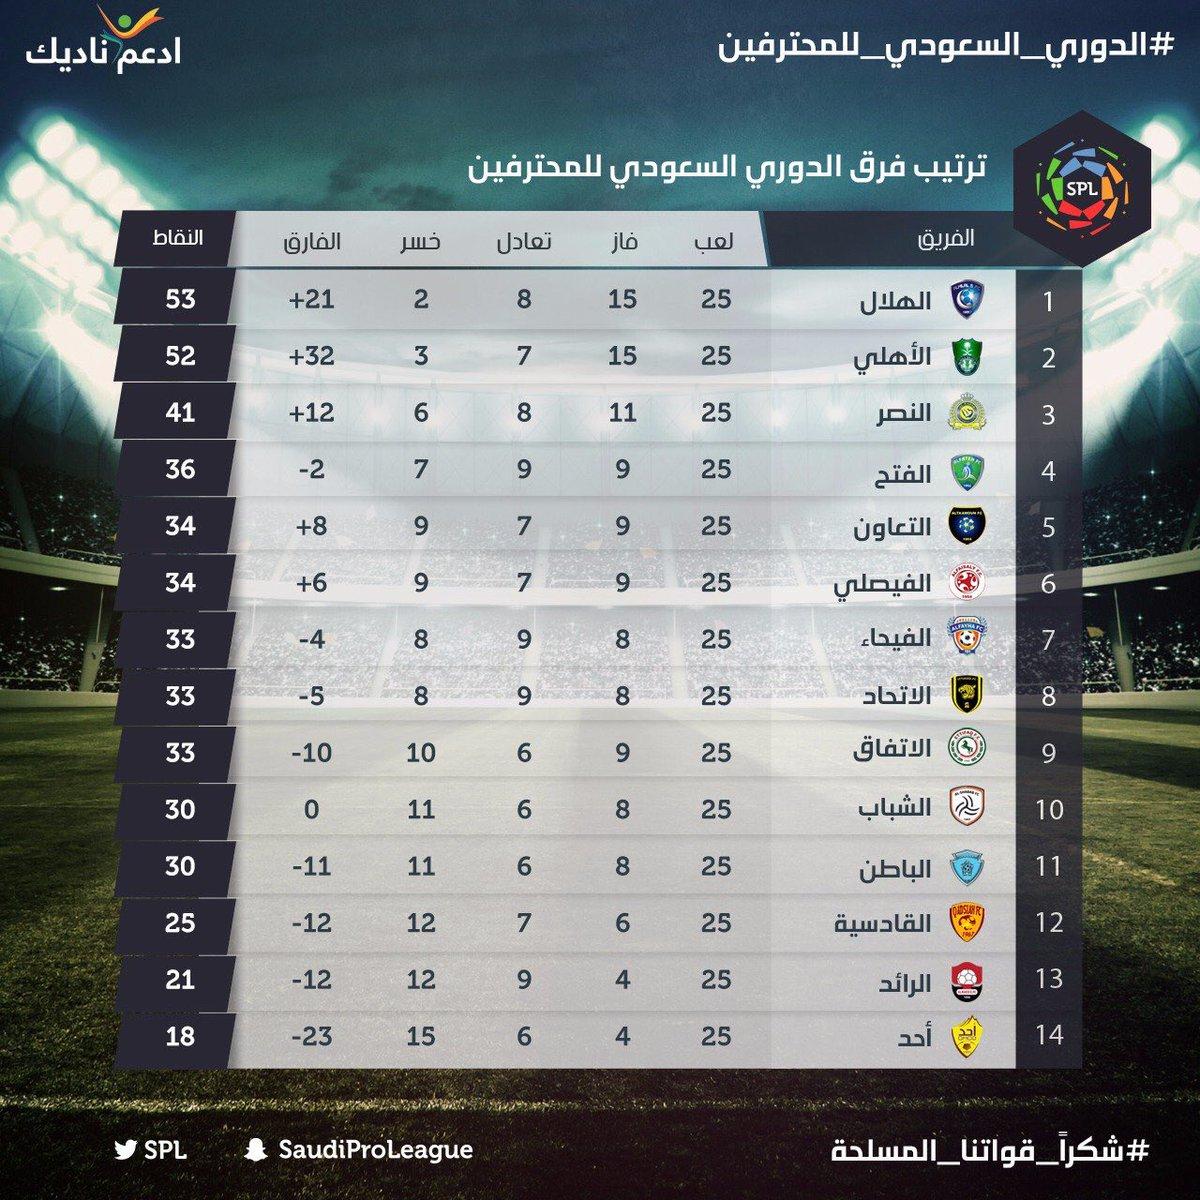 جدول ترتيب الدوري السعودي بعد نهاية الجولة 25